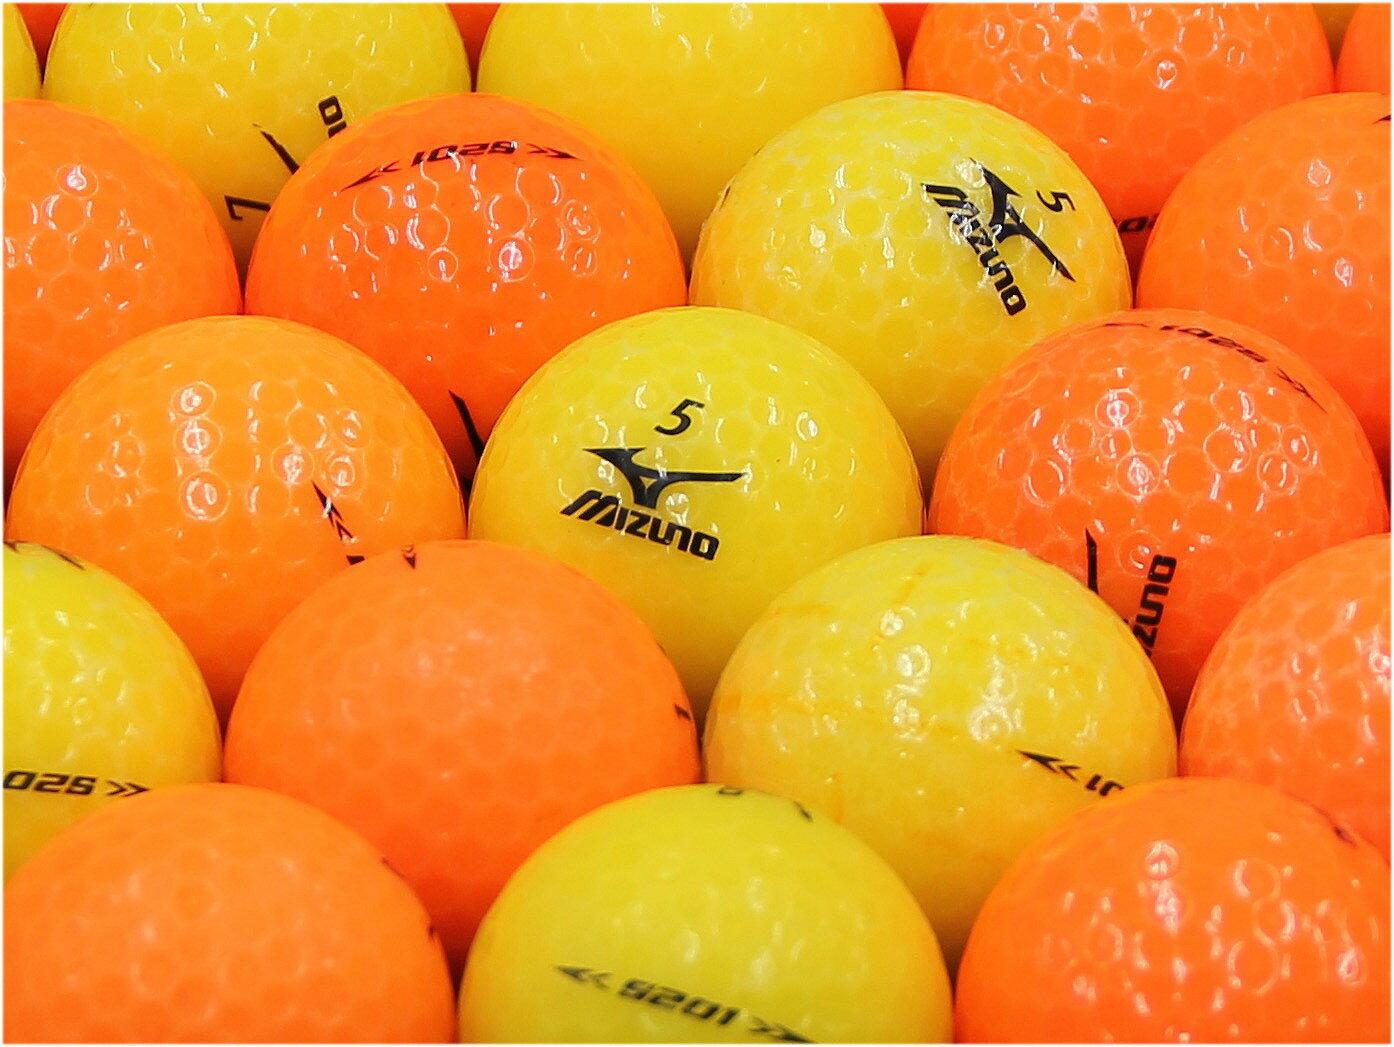 【Bランク】ミズノ S201 カラーボール混合 2012年モデル 1個 【あす楽】【ロストボール】【中古】